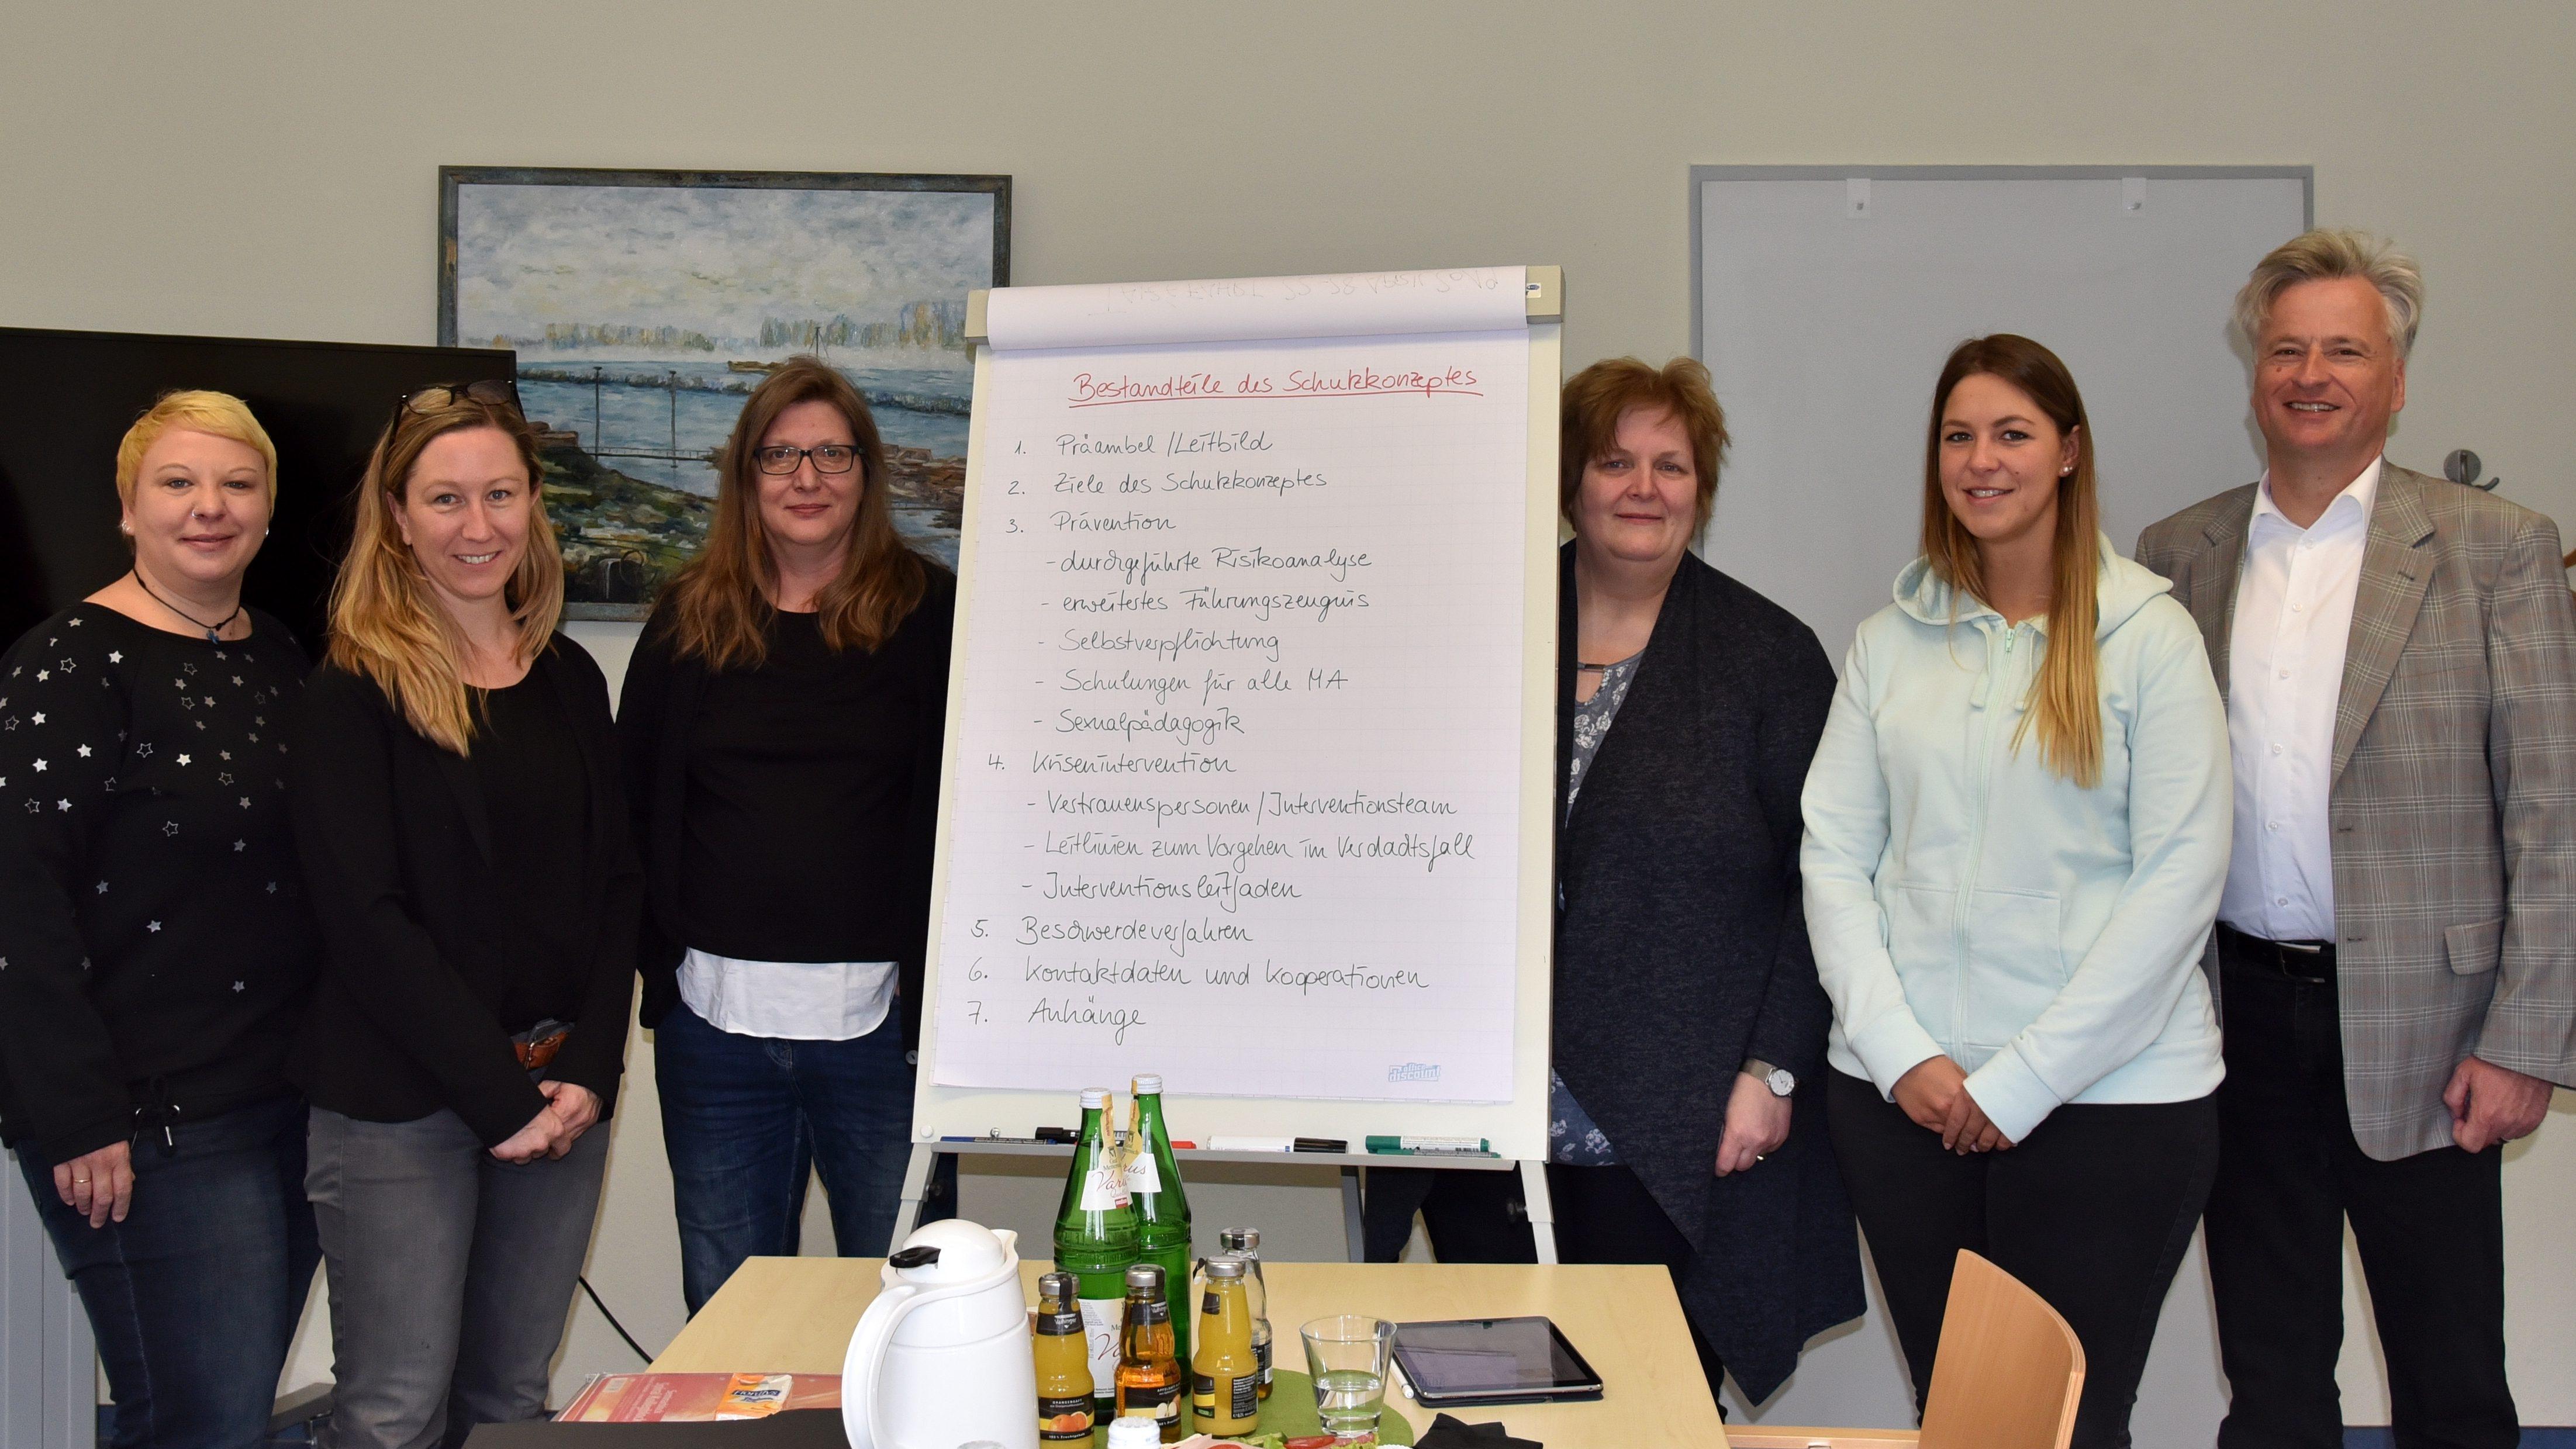 Evangelischer Kirchenkreis Köln-Nord: Arbeitsgruppe Schutzkonzept zur Prävention von sexualisierter Gewalt eingerichtet